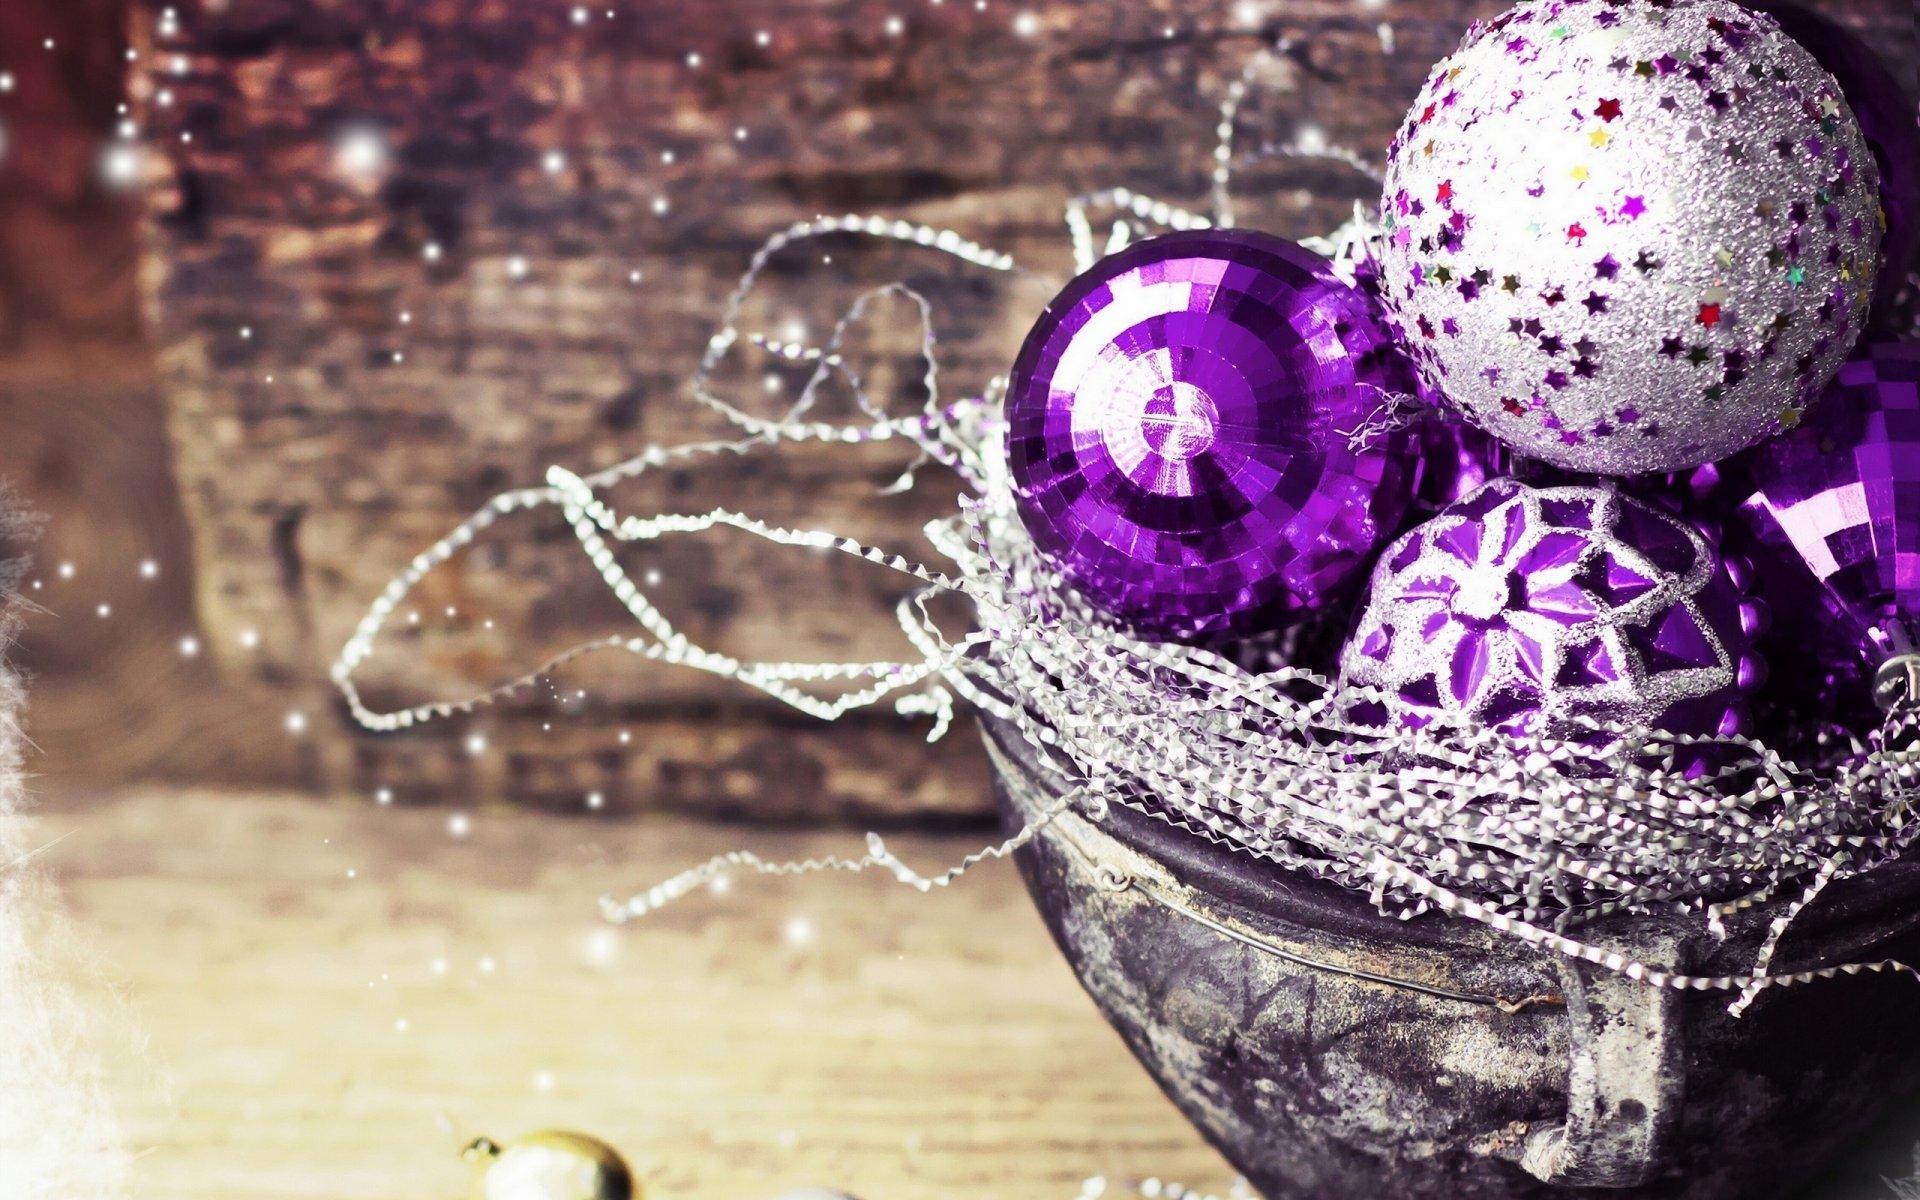 новый год картинки шарики противном случае